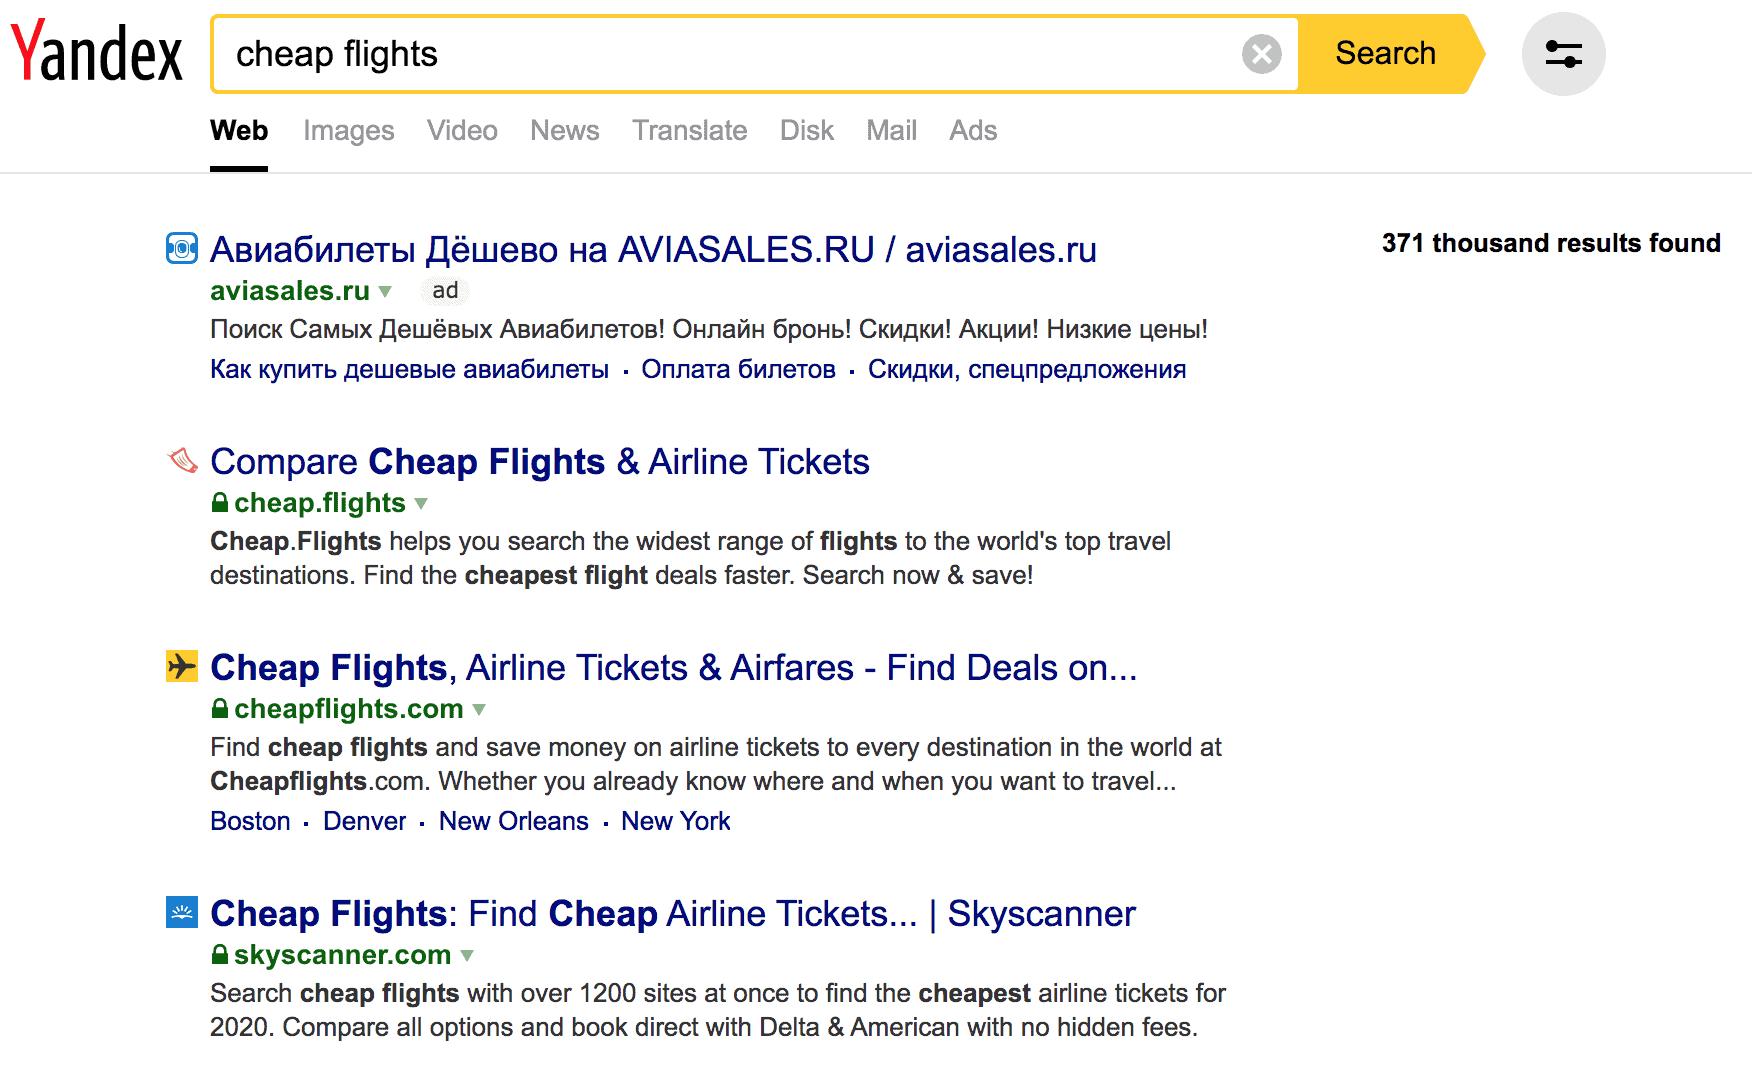 Yandex rank